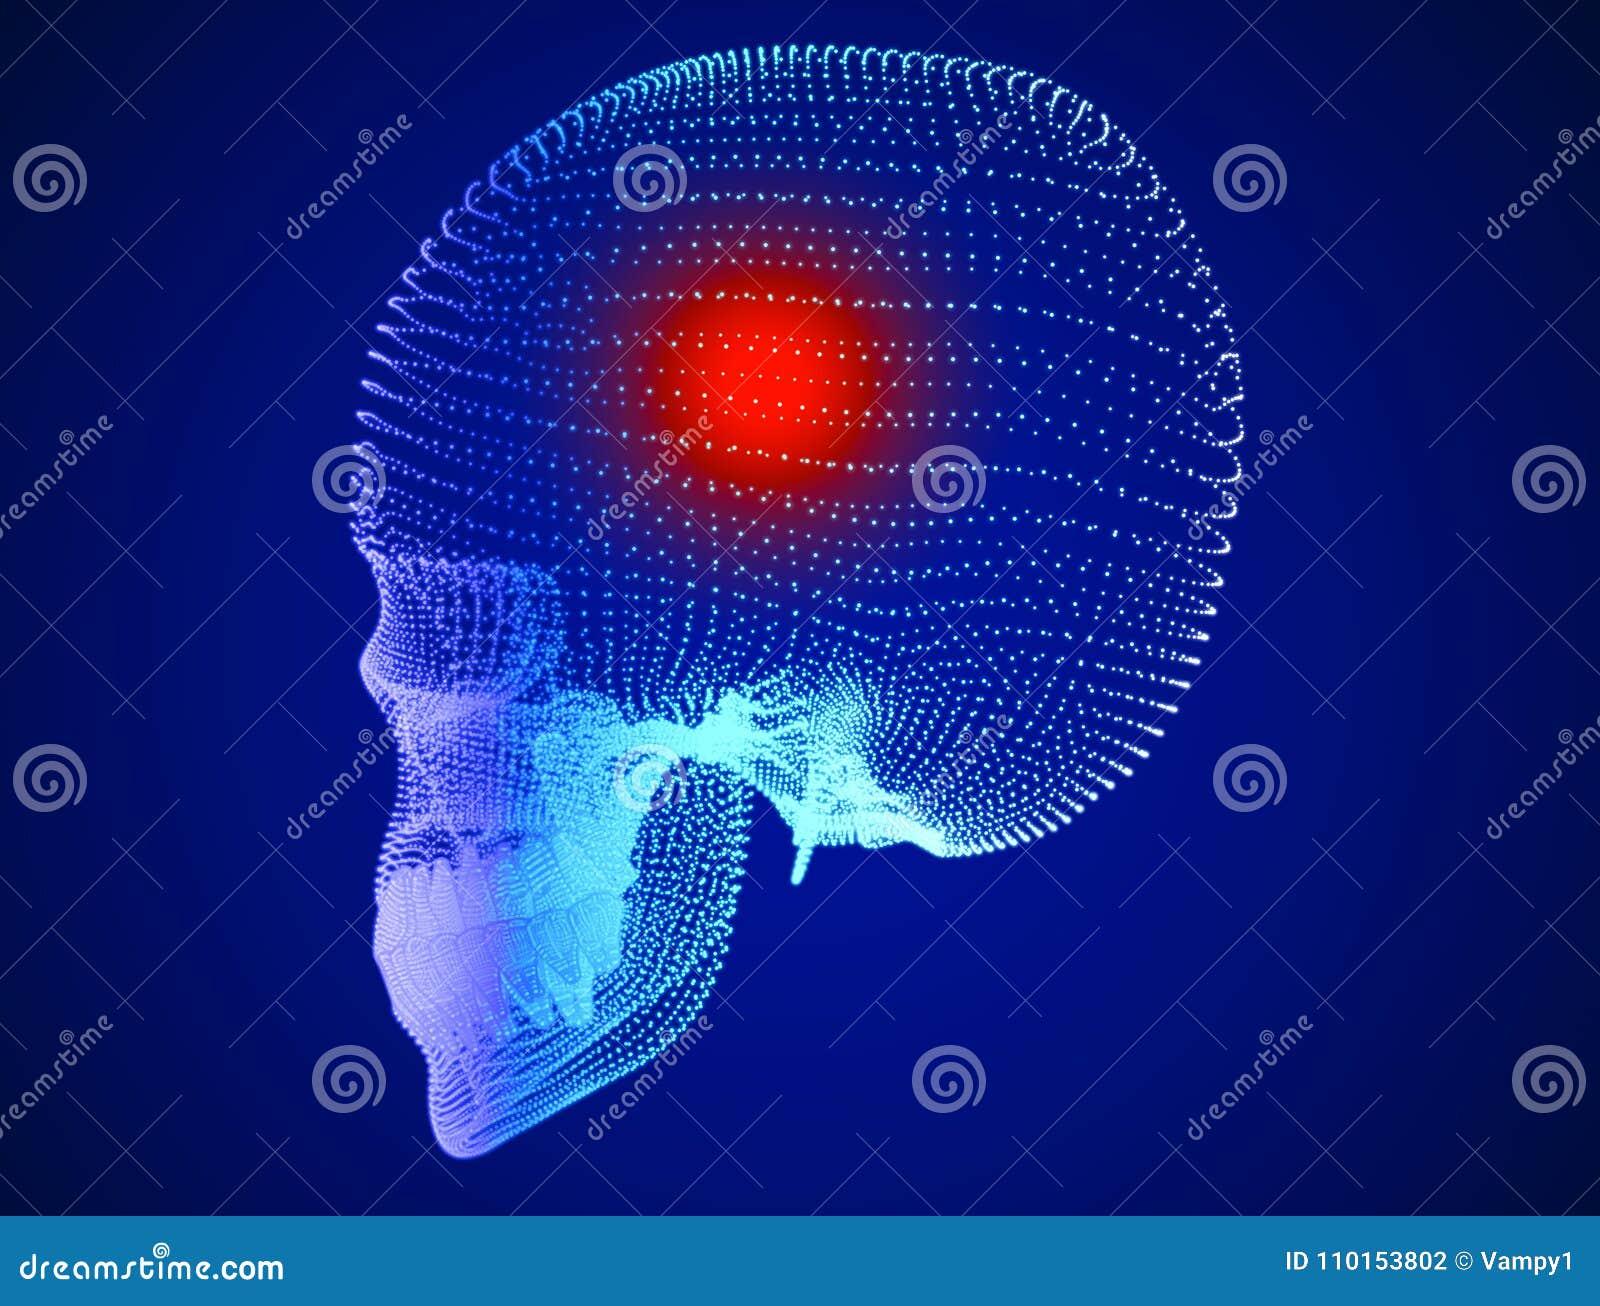 Circuito Neuronal : Cráneo dolor dolores de cabeza neuronas sinapsis red neuronal